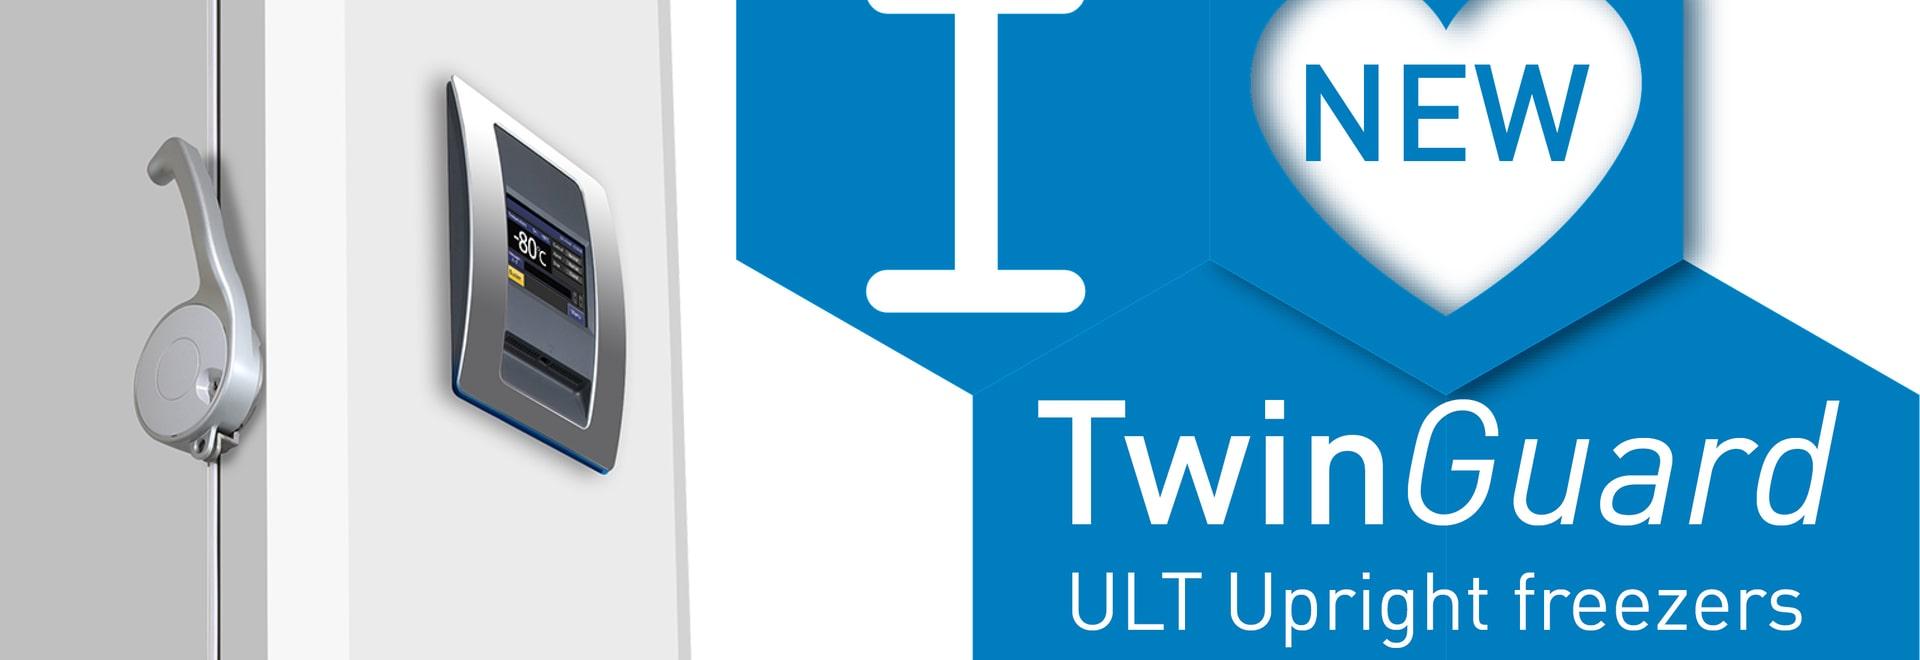 Intensifiez la sécurité d'échantillon avec les congélateurs droits de la nouvelle température très réduite de TwinGuard de Panasonic